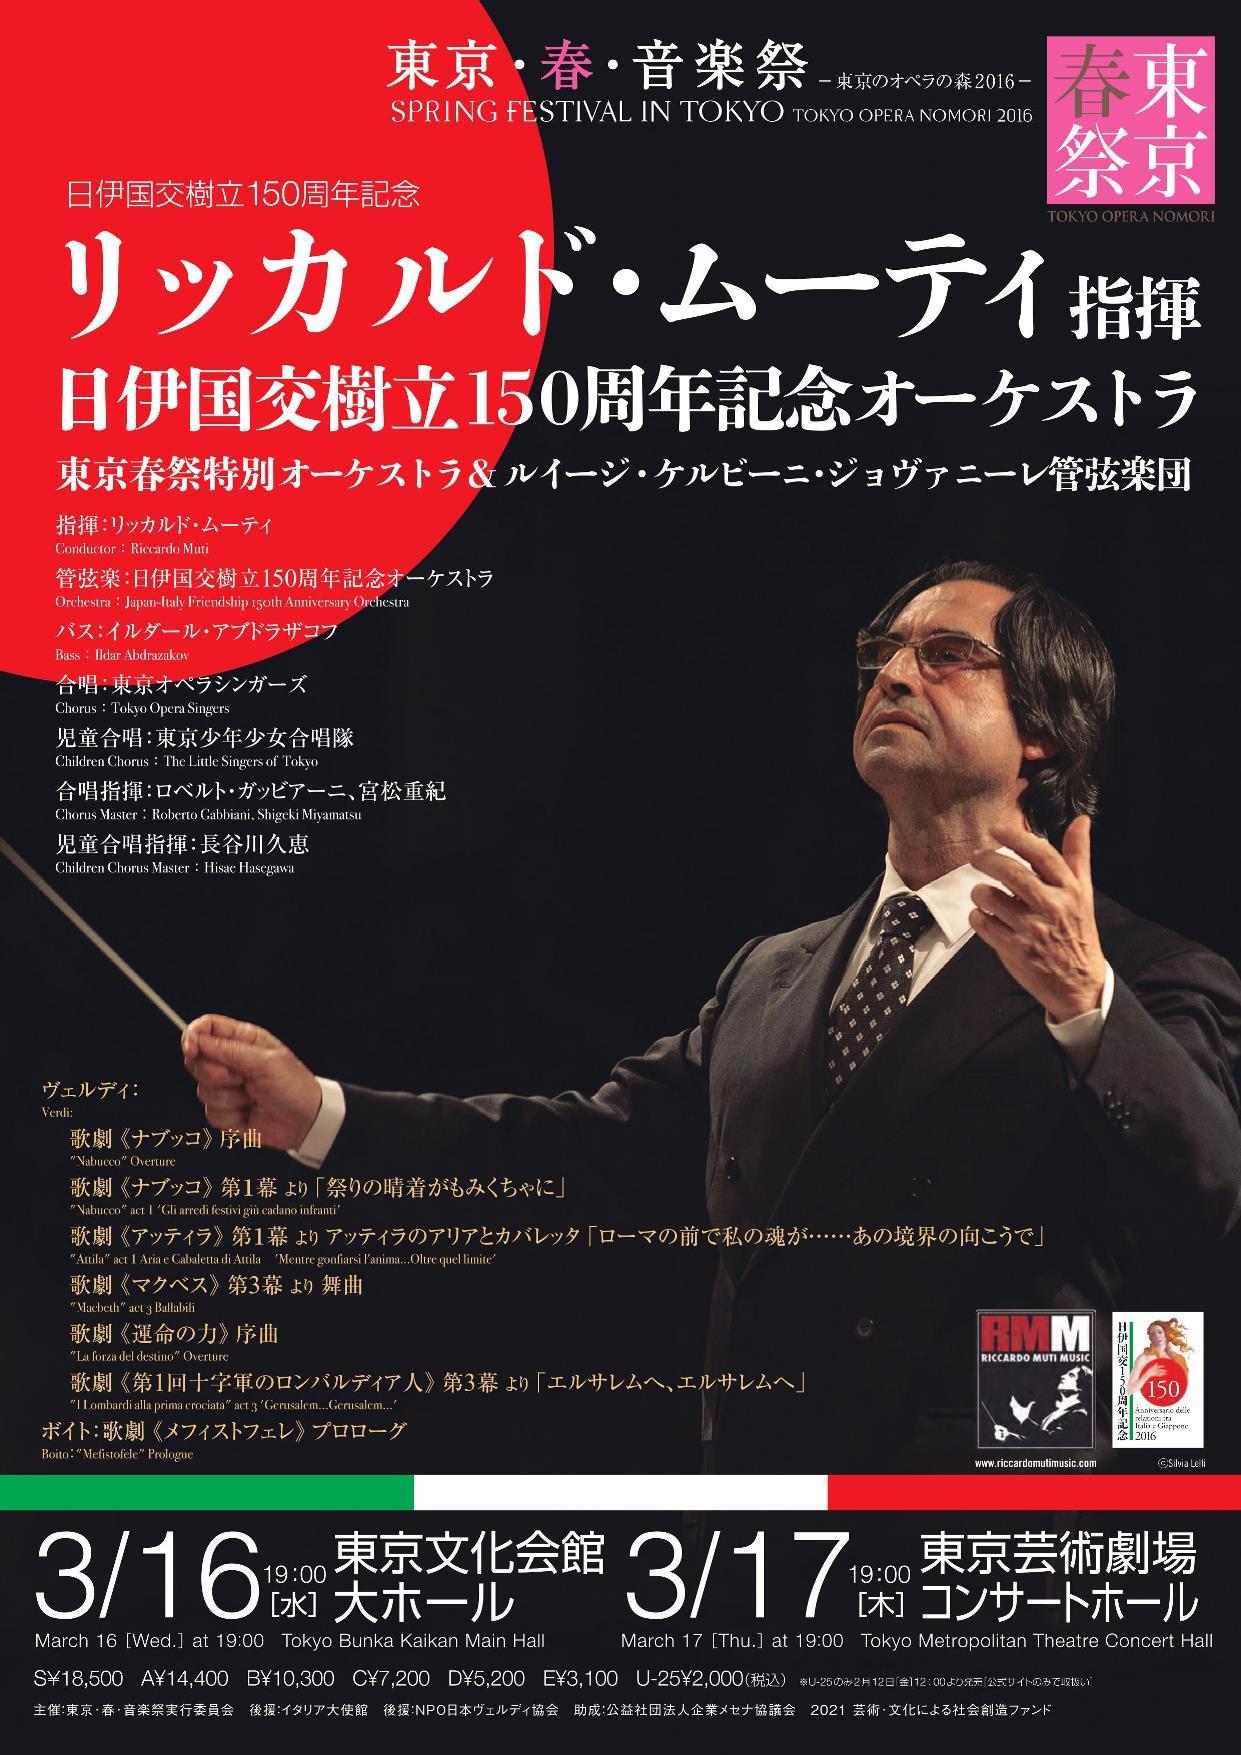 ムーティ指揮!東京・春・音楽祭 開幕コンサート!